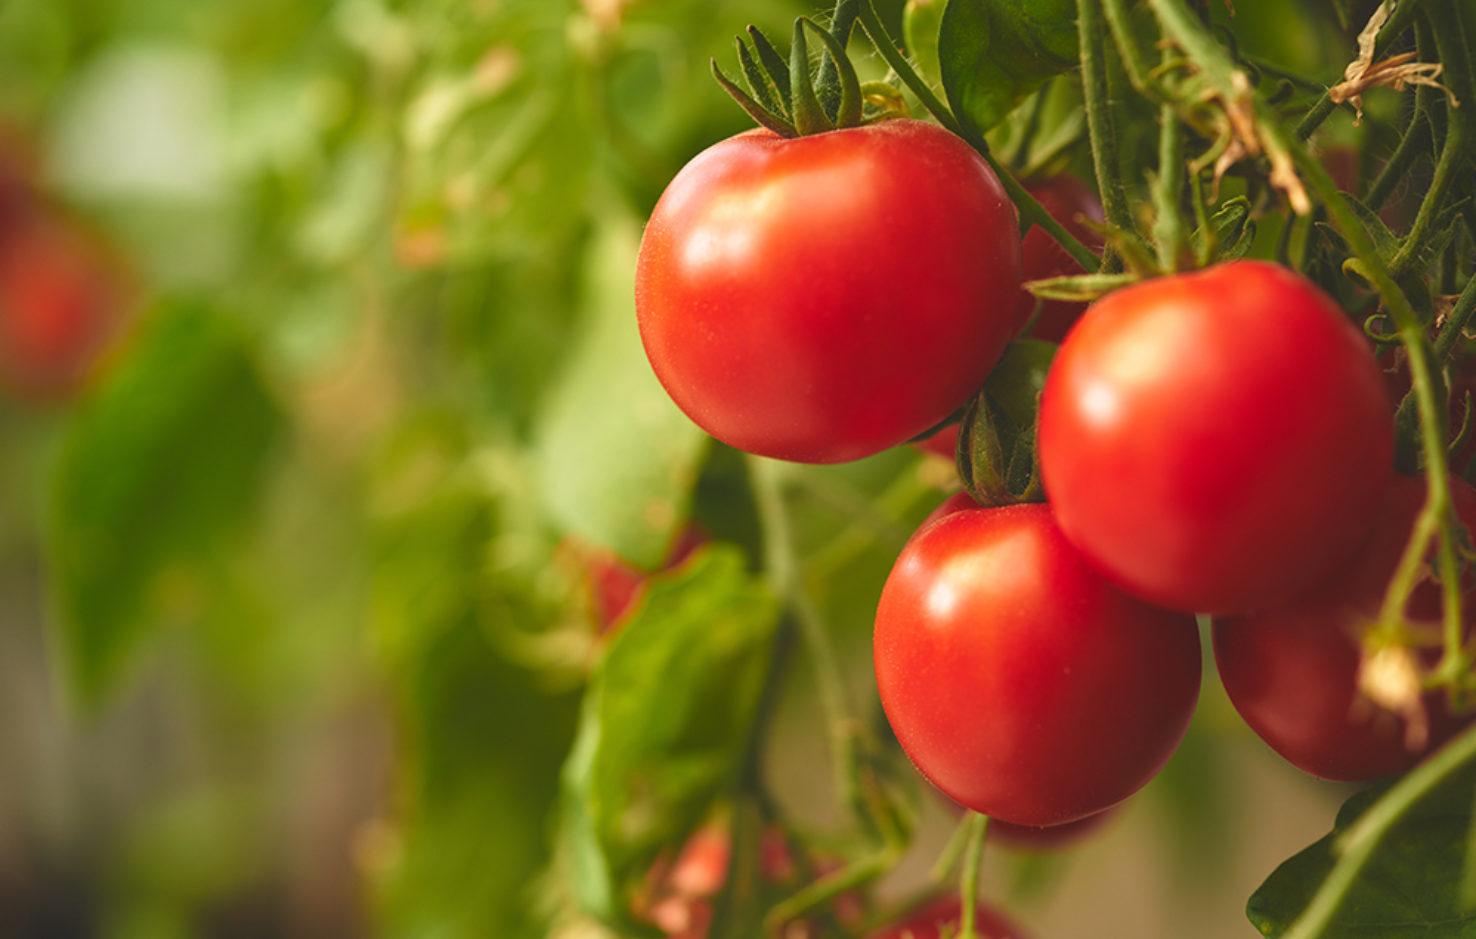 tomaten_convenience_food_wirblog_arbeitsplatz_gesundheit